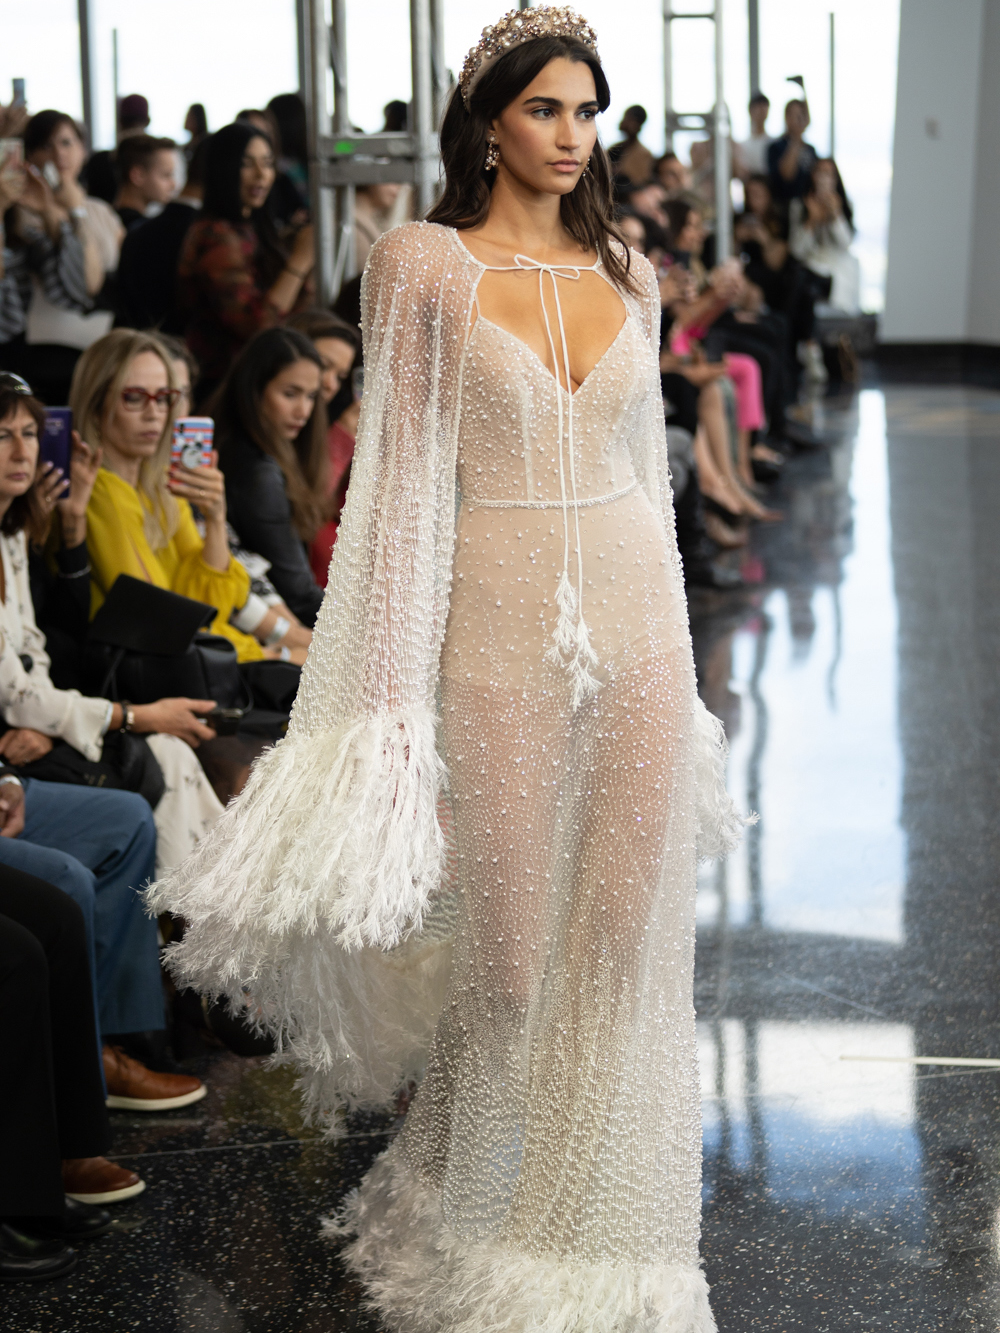 berta sheer feathers cape wedding dress fall 2020